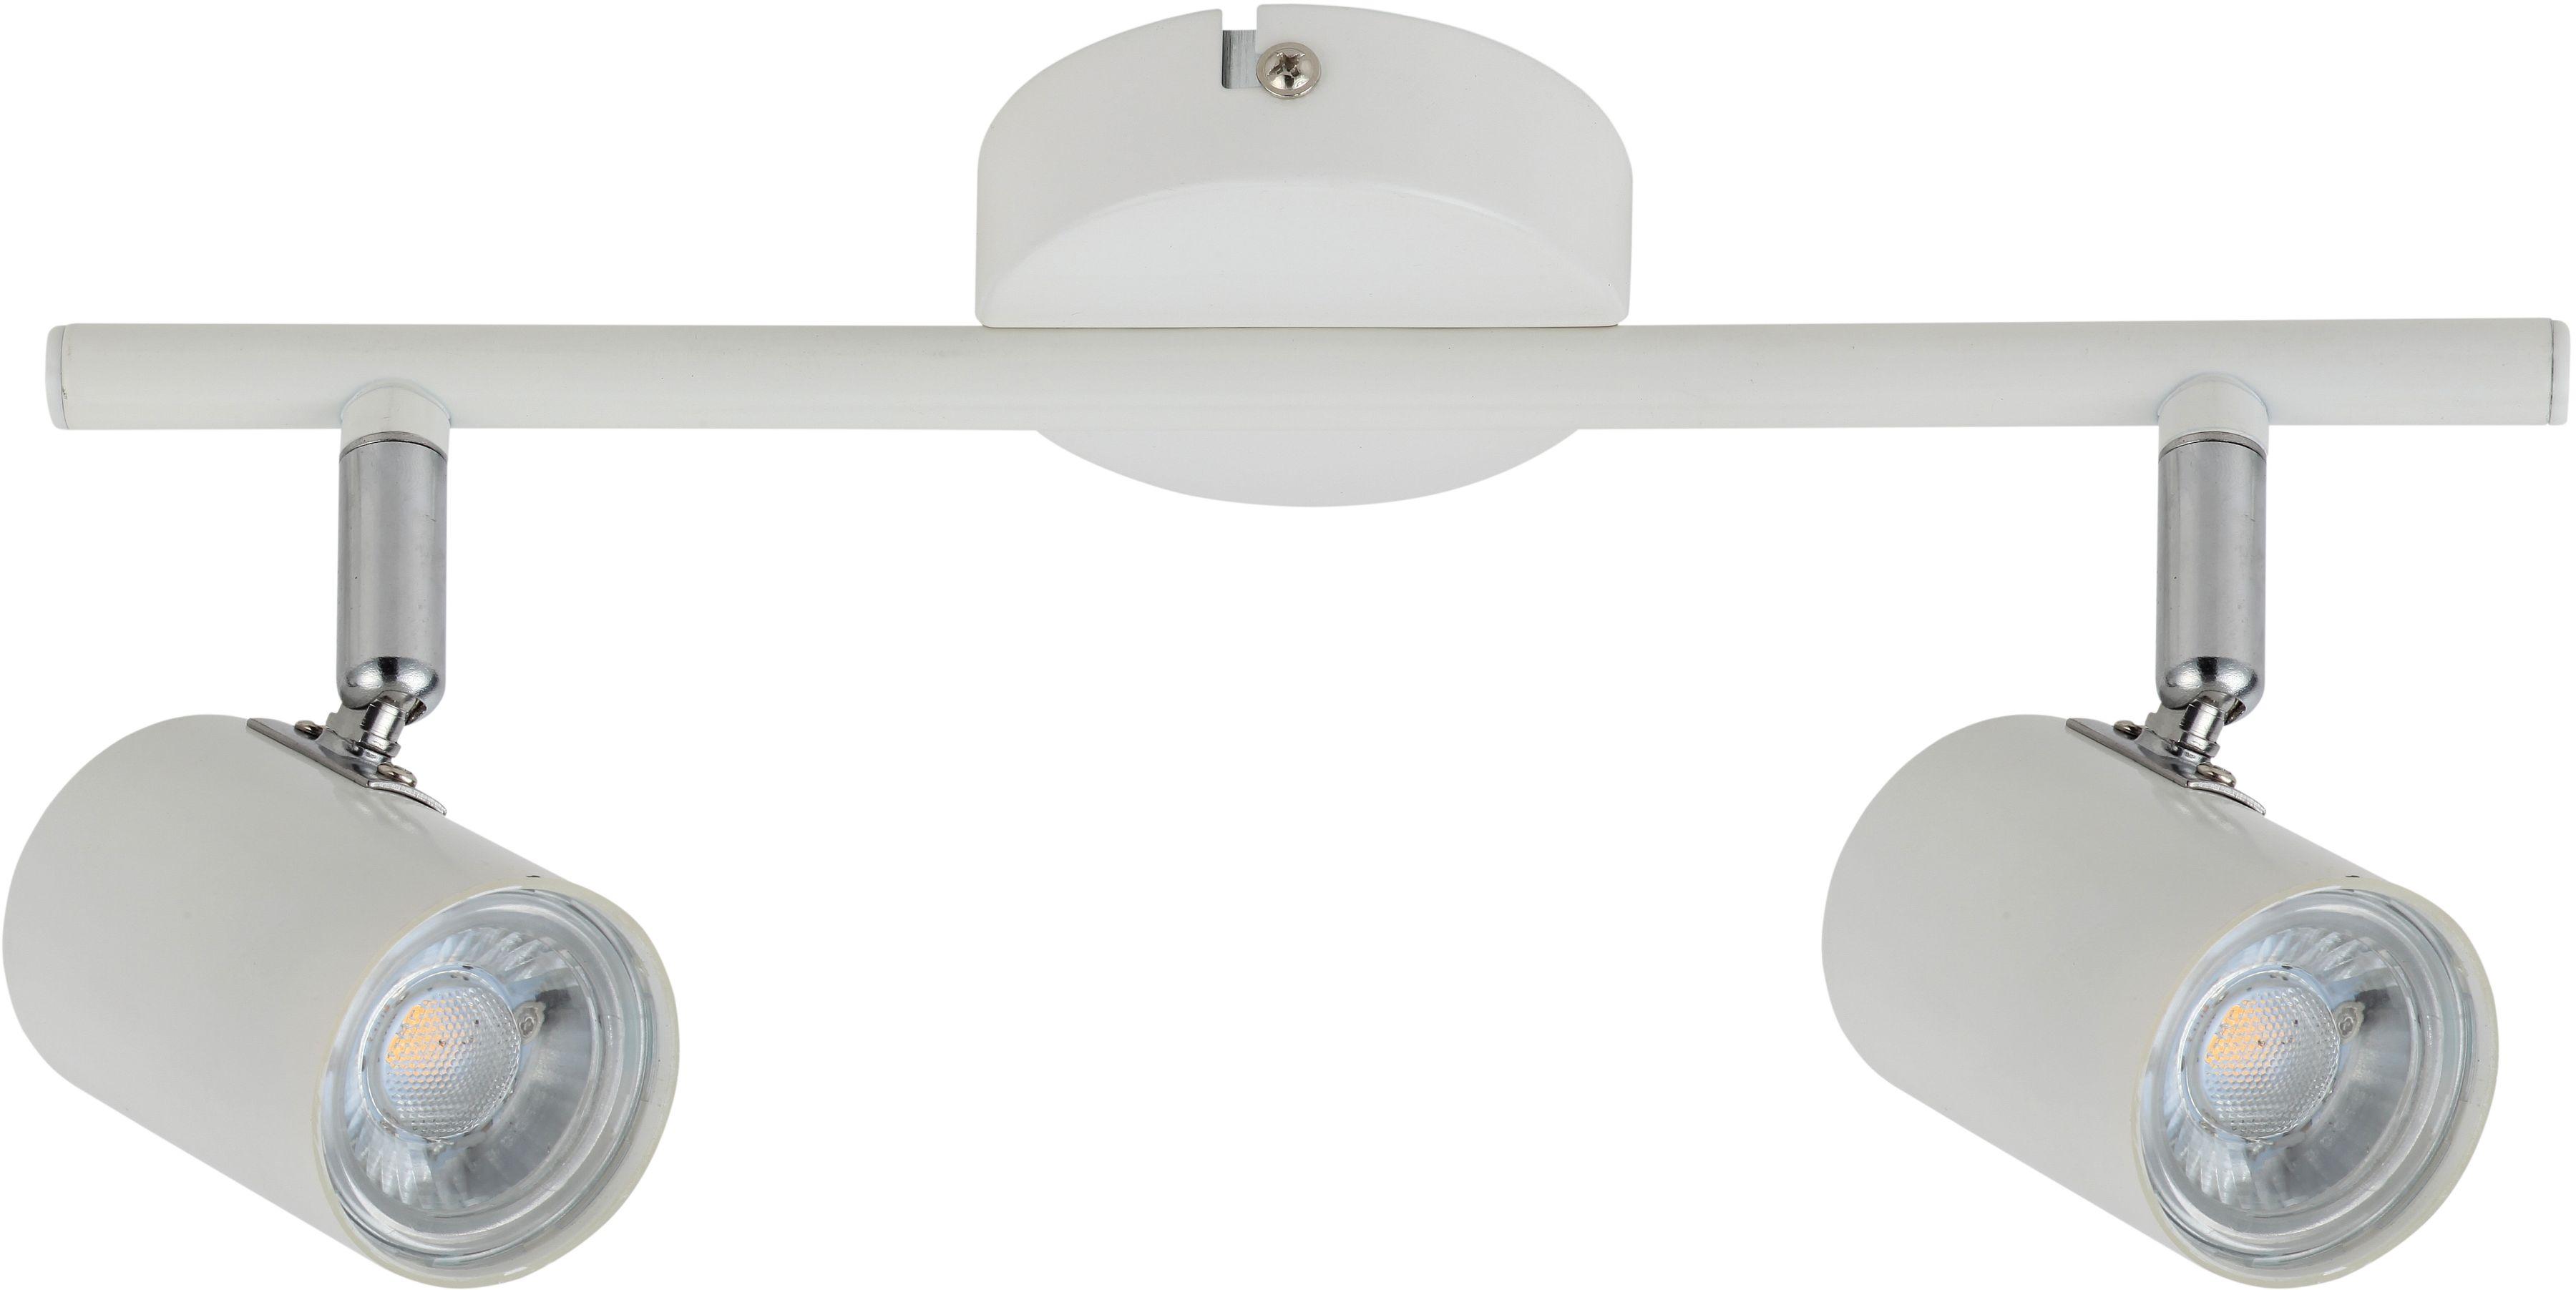 Candellux HALLEY 92-49537 oprawa oświetleniowa spot biały 2X4W LED 30cm